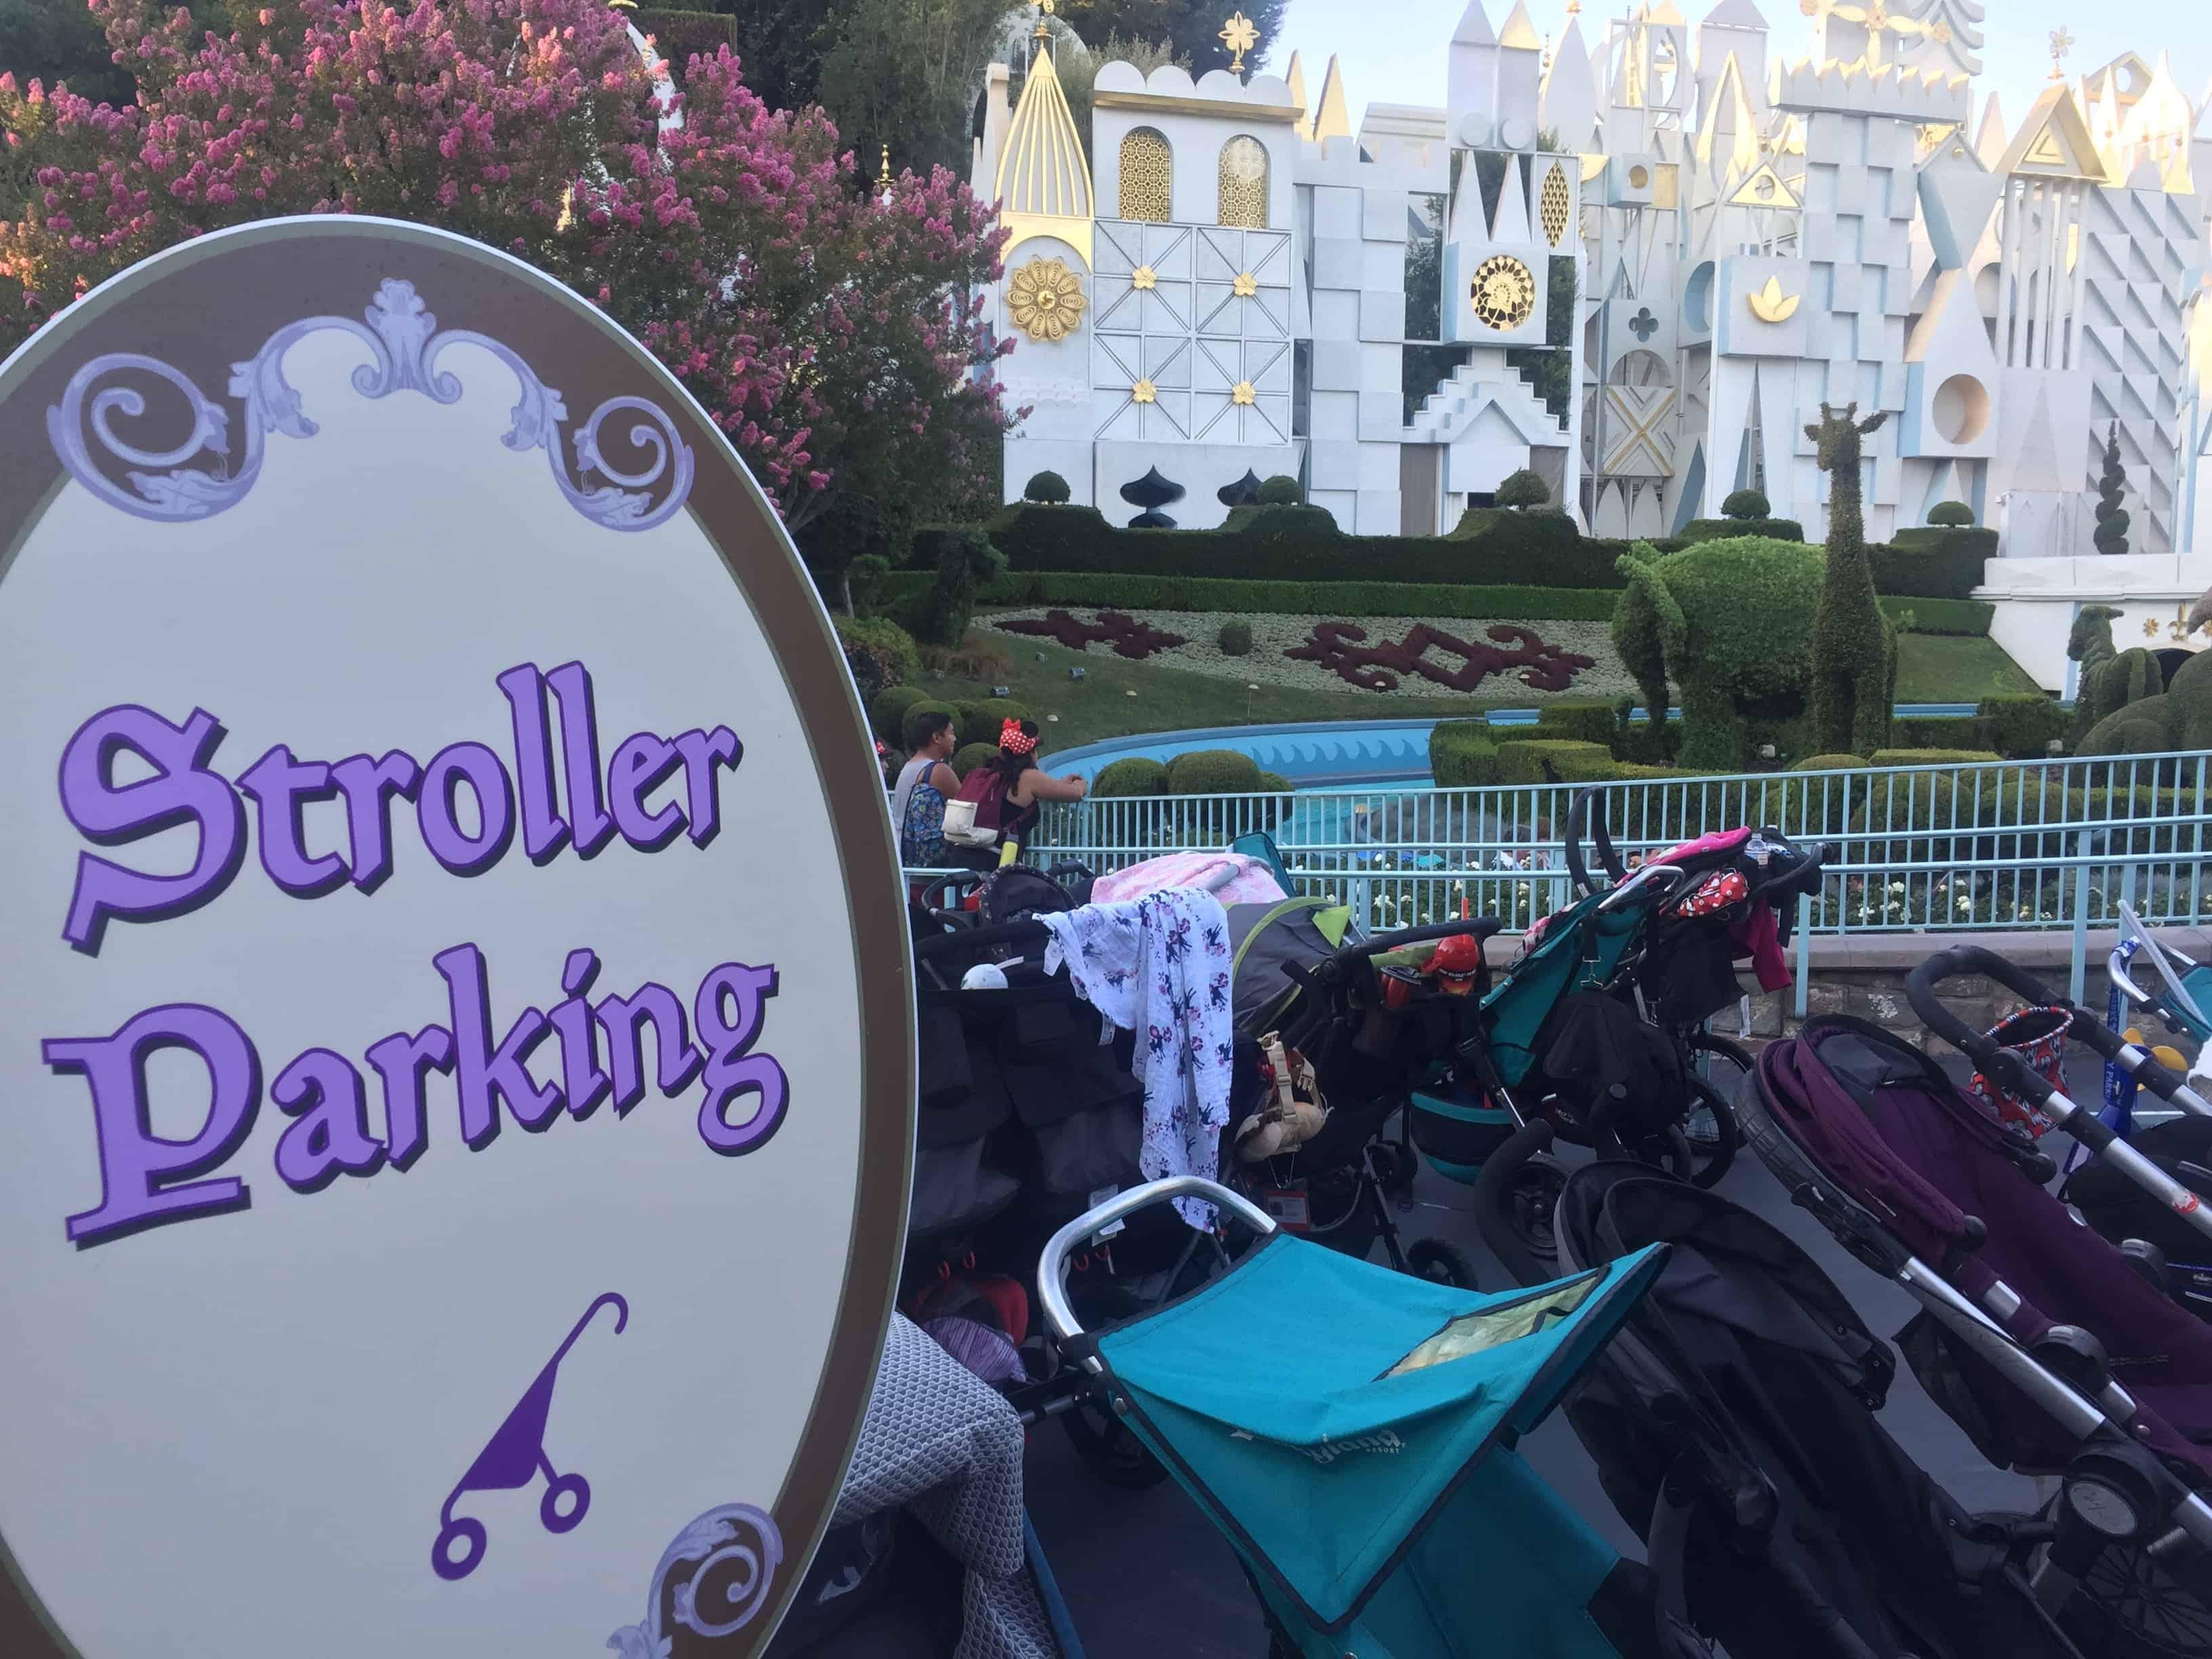 disneyland stroller parking